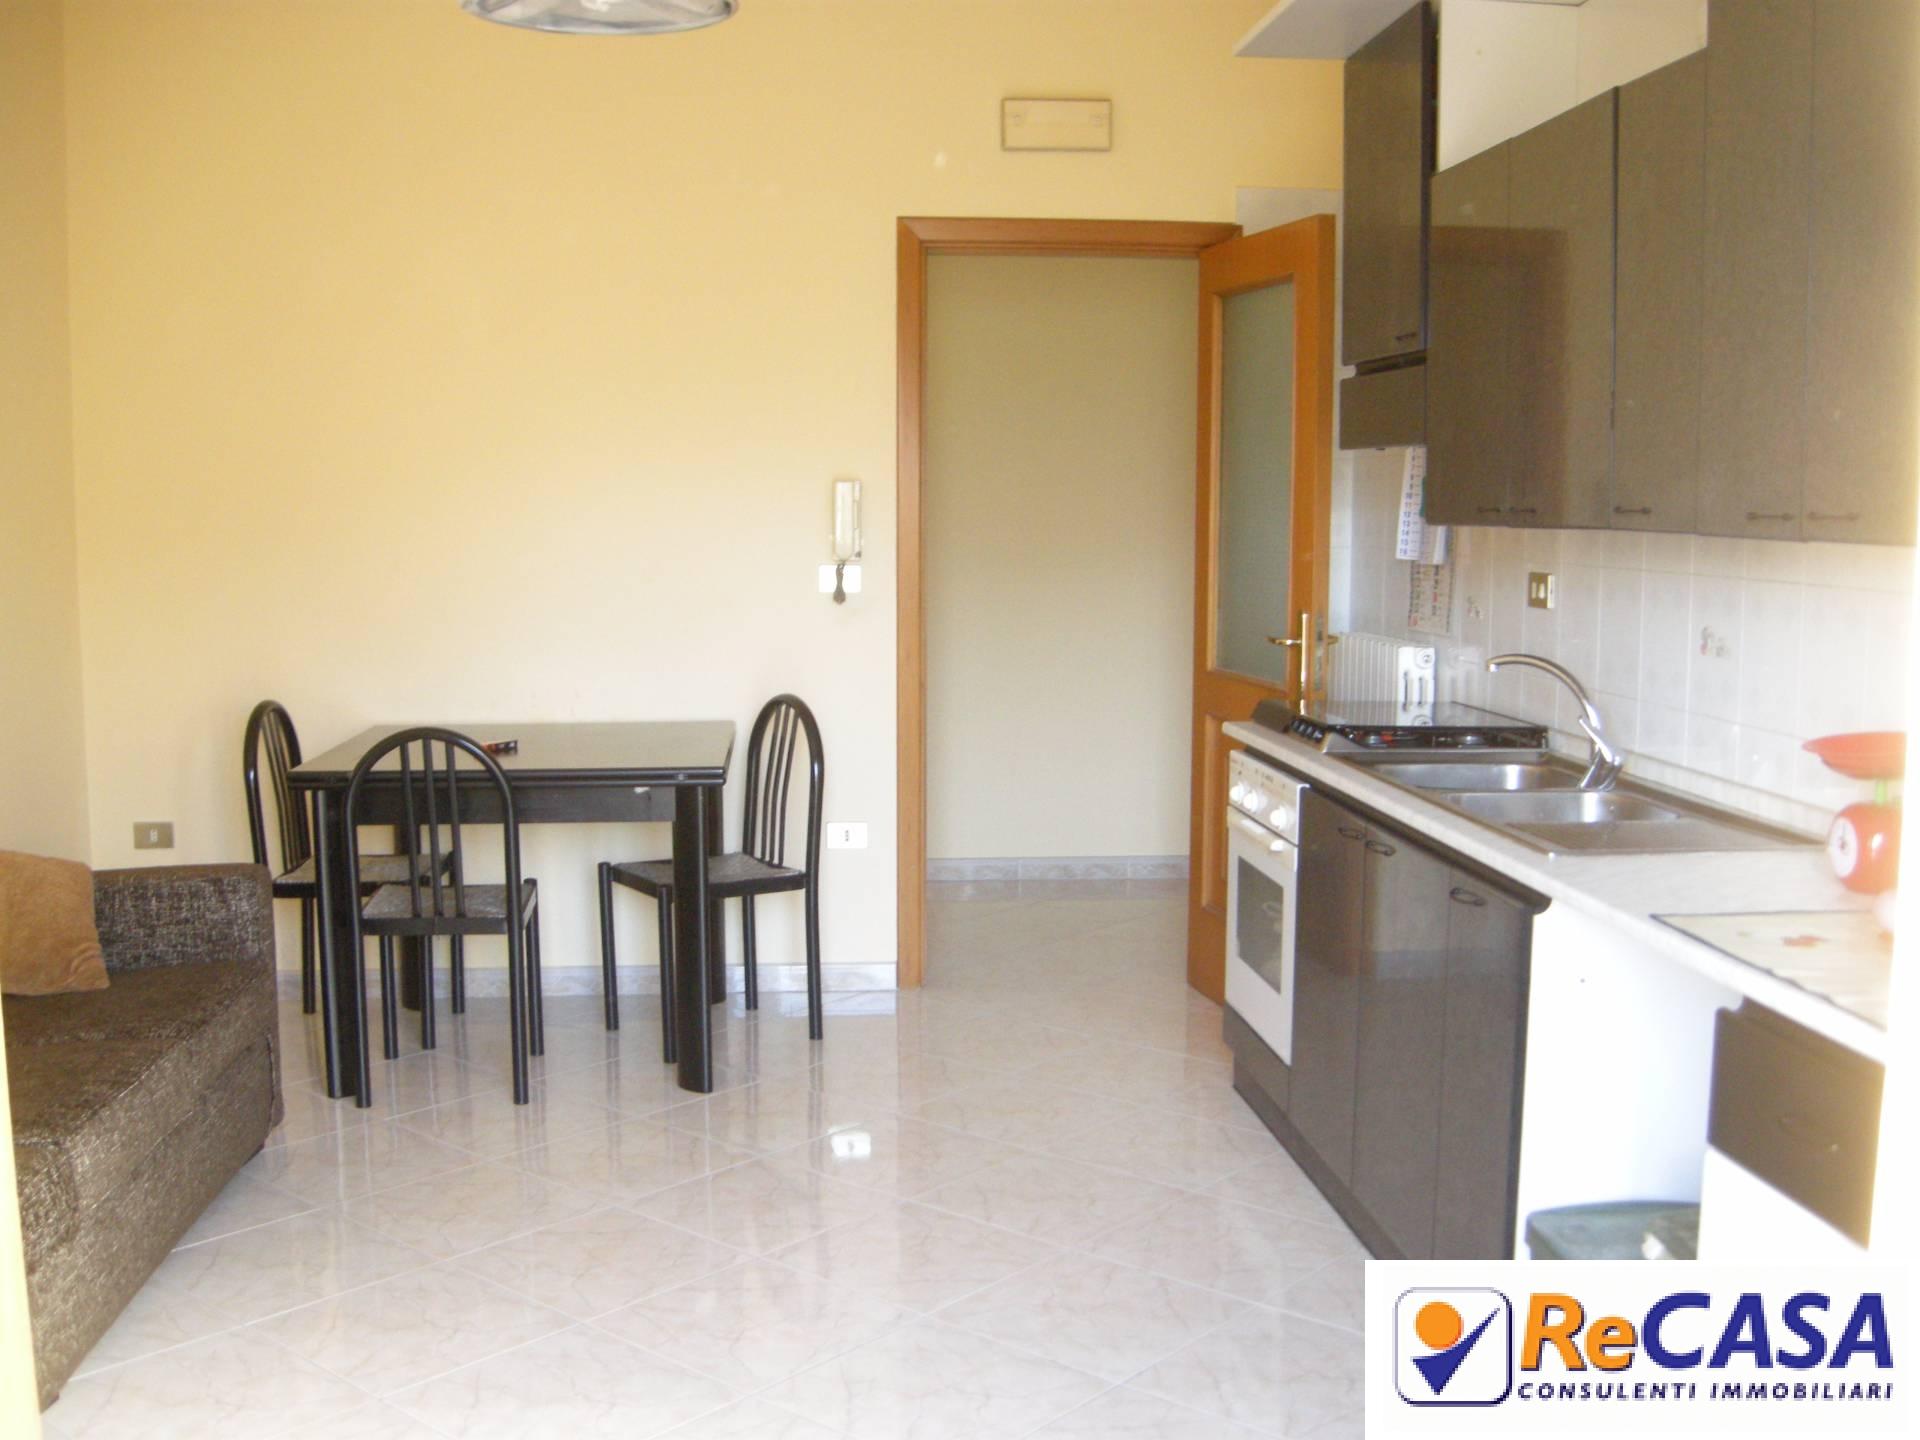 Appartamento in vendita a Montecorvino Rovella, 3 locali, zona Località: SanMartino, prezzo € 69.000 | Cambio Casa.it